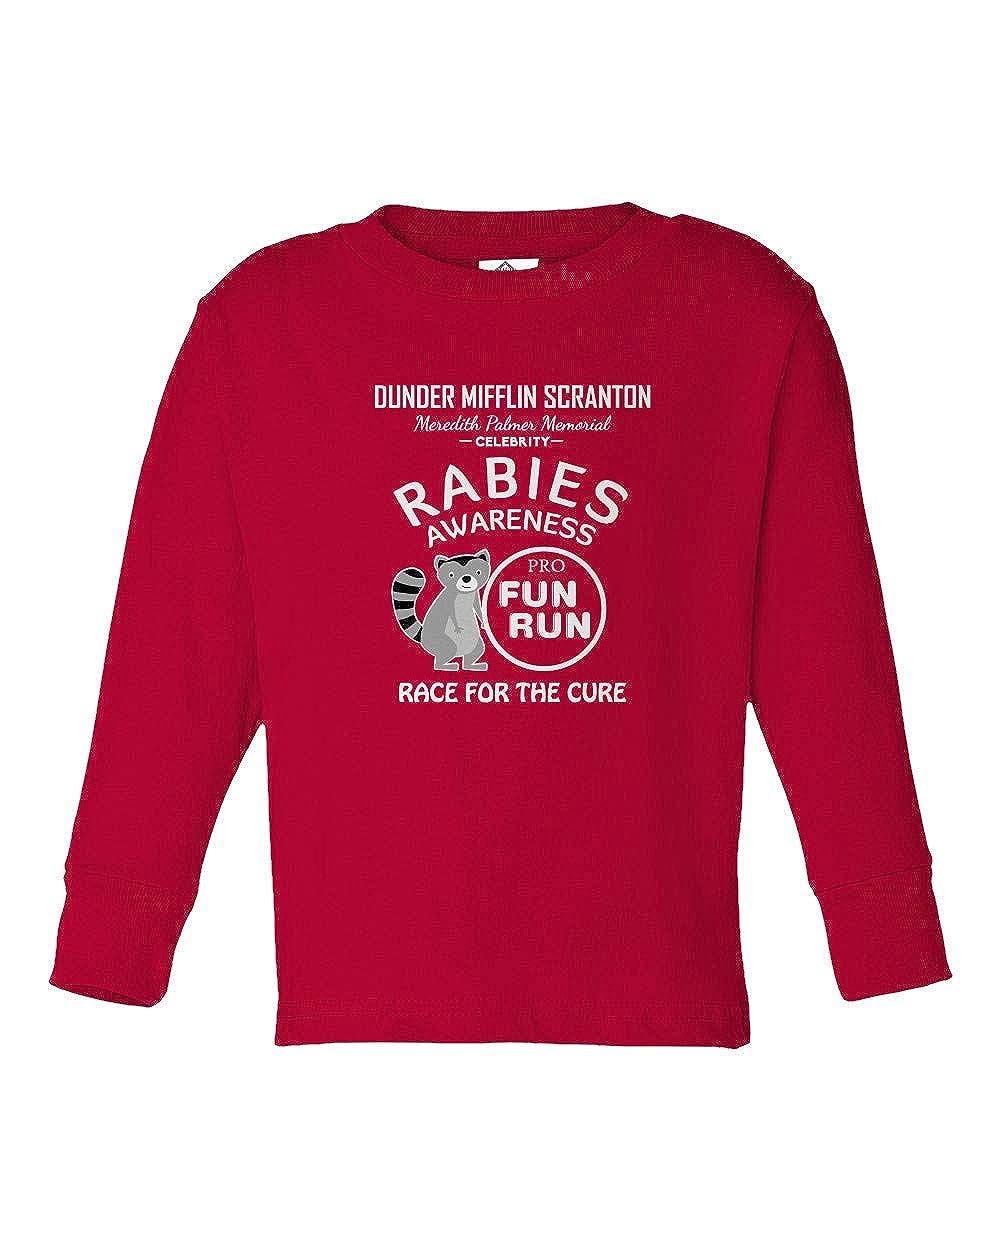 Rabies Awareness Dunder Mifflin Fun Run Little Kids Long Sleeve Toddler T-Shirt